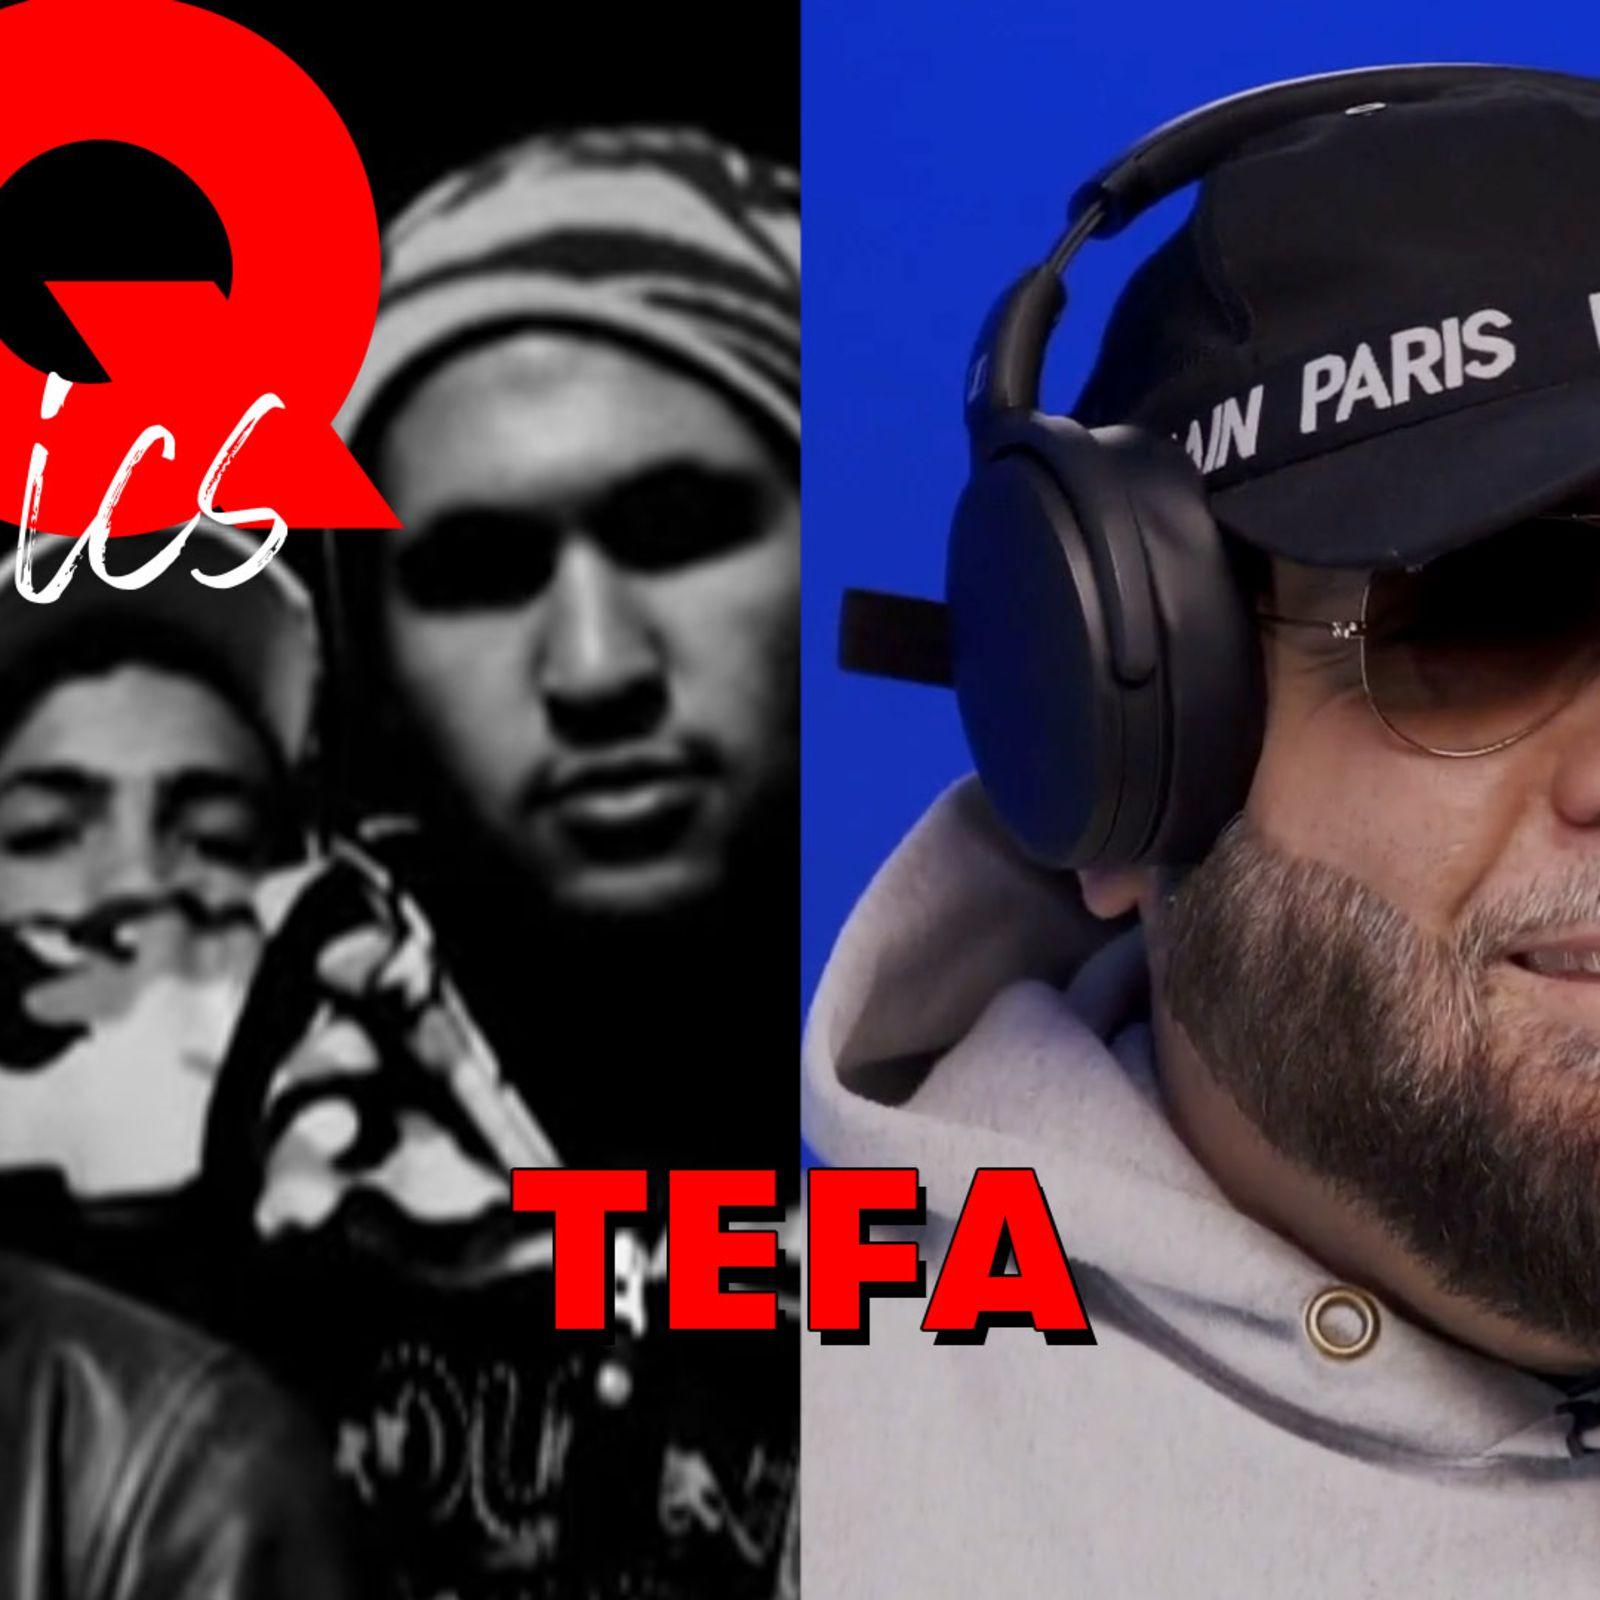 Tefa juge les classiques du rap français : Lunatic, Kery James, Le 3ème Oeil